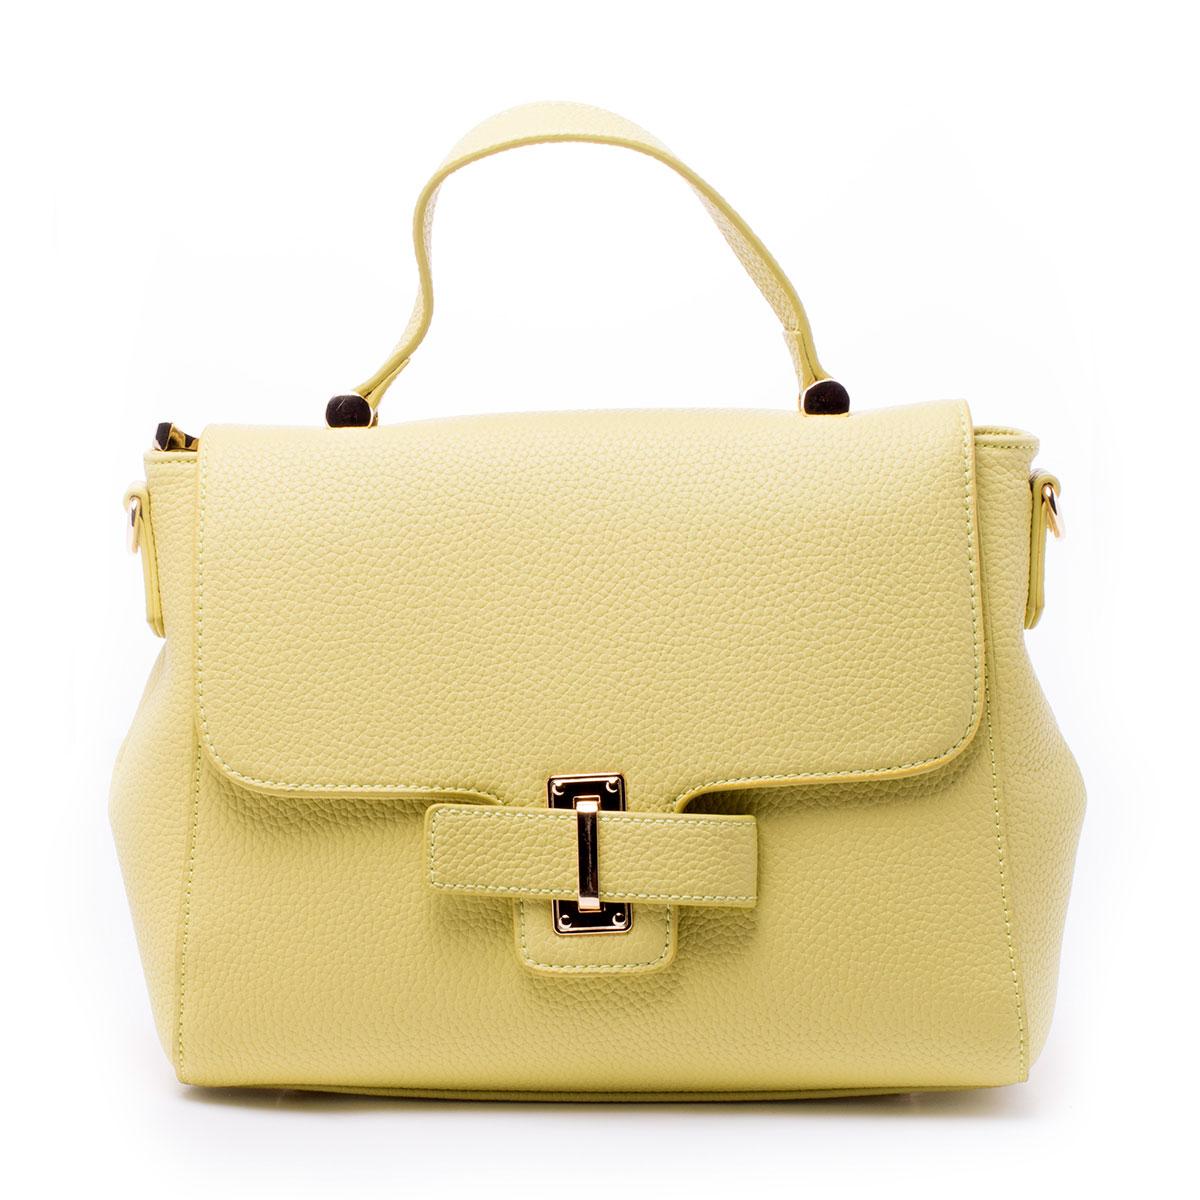 Сумка женская Baggini, цвет: желтый. 29806/8229806/82Стильная женская сумка Baggini выполнена из искусственной кожи. Изделие содержит одно отделение и закрывается на застежку-молнию и клапан с хлястиком. Внутри расположены два накладных кармана, прорезной карман на застежке-молнии и карман-средник на молнии. Задняя сторона сумки дополнена прорезным карманом на молнии. Сумка оснащена одной удобной ручкой средней высоты и съемным плечевым ремнем. Дно сумки дополнено металлическими ножками.